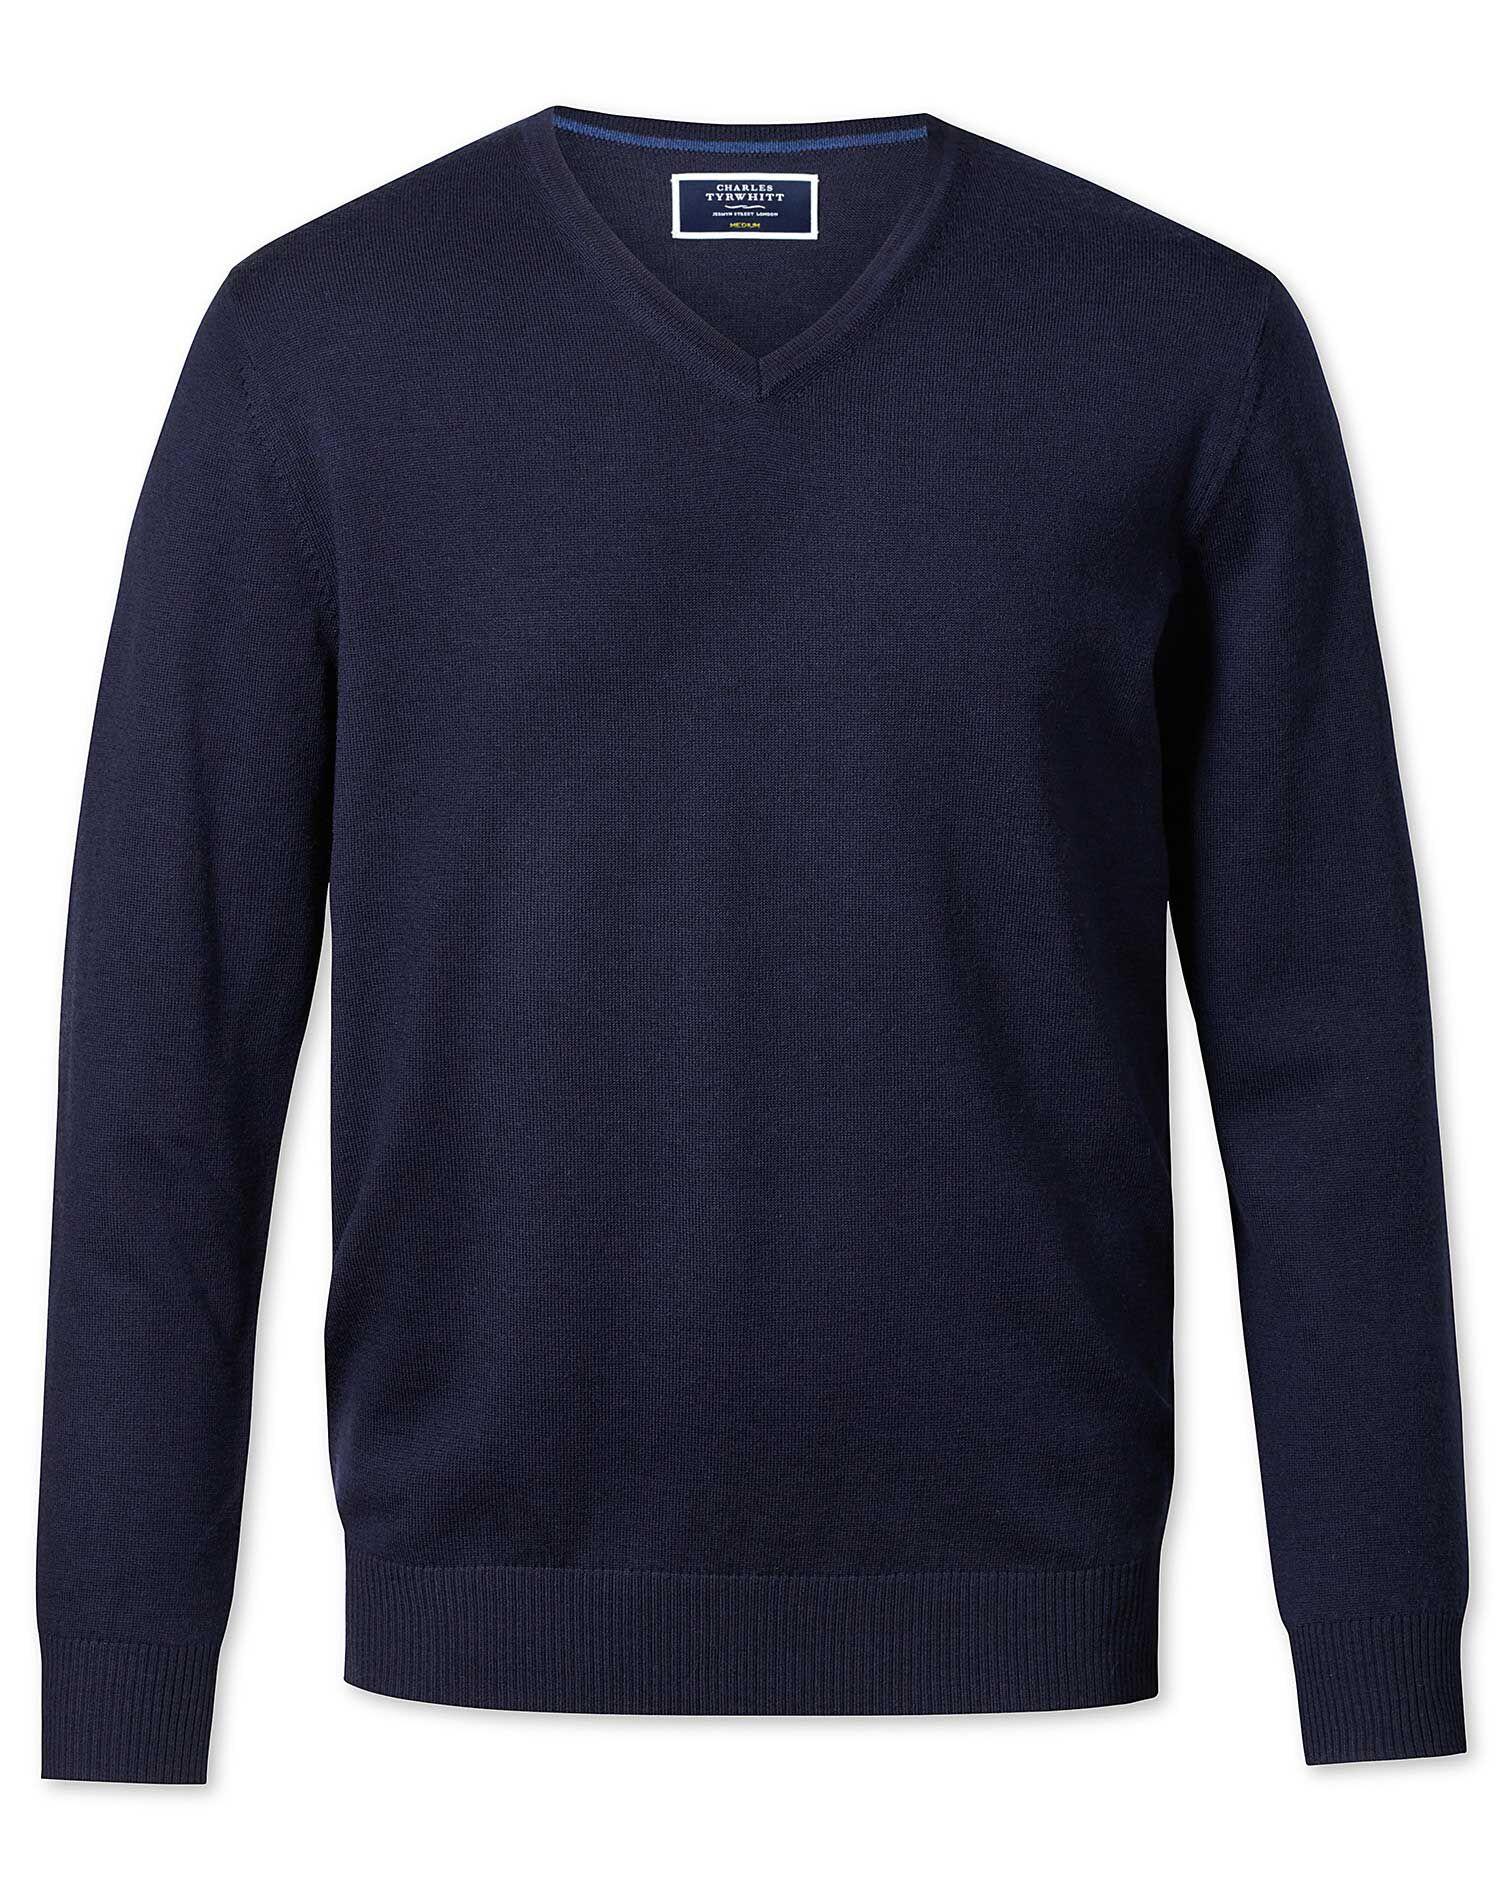 Navy Merino Wool V-Neck Jumper Size XXXL by Charles Tyrwhitt